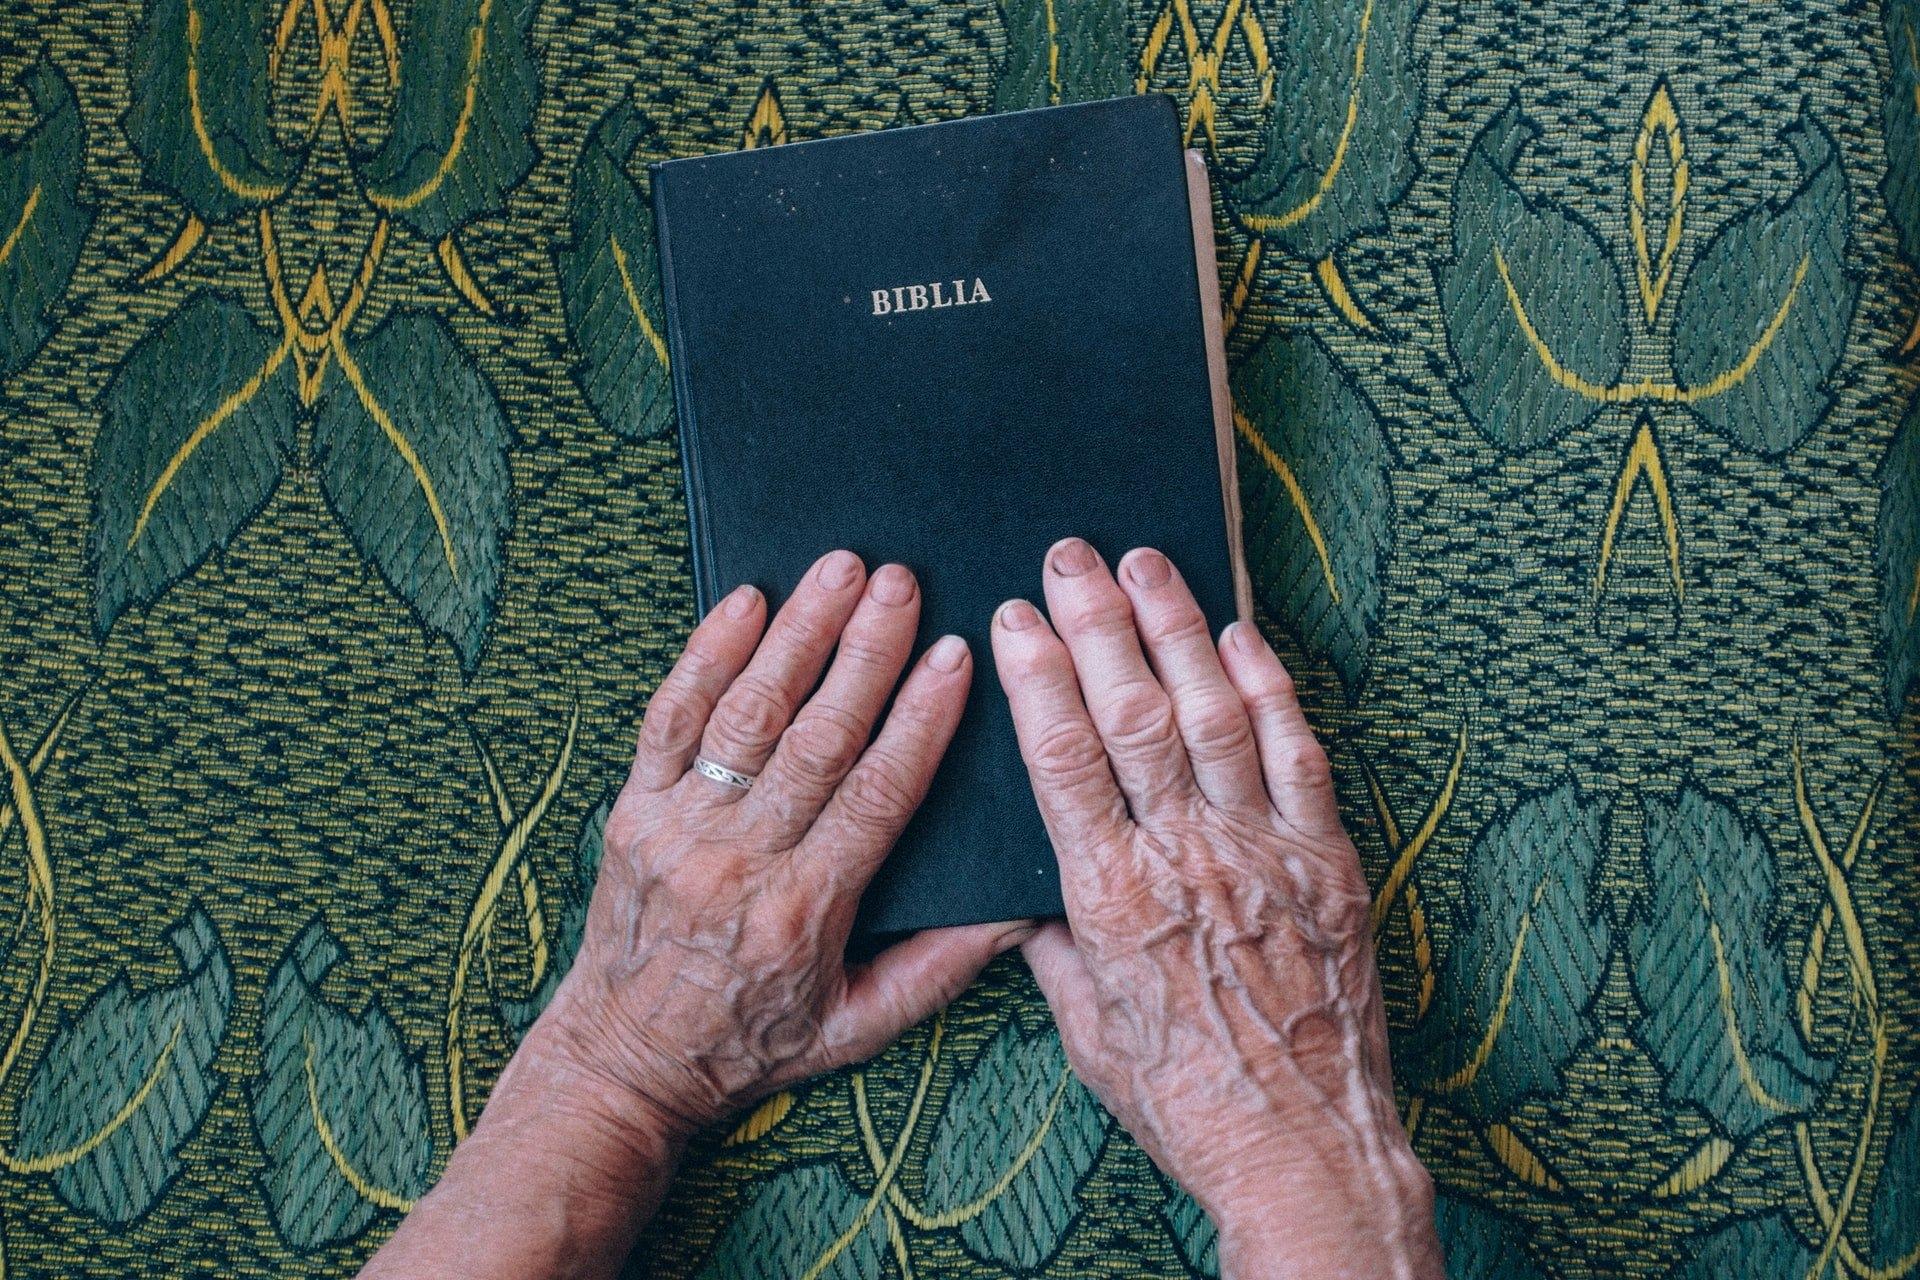 Bíblia é o livro cristão mais vendido em 2020, aponta ranking